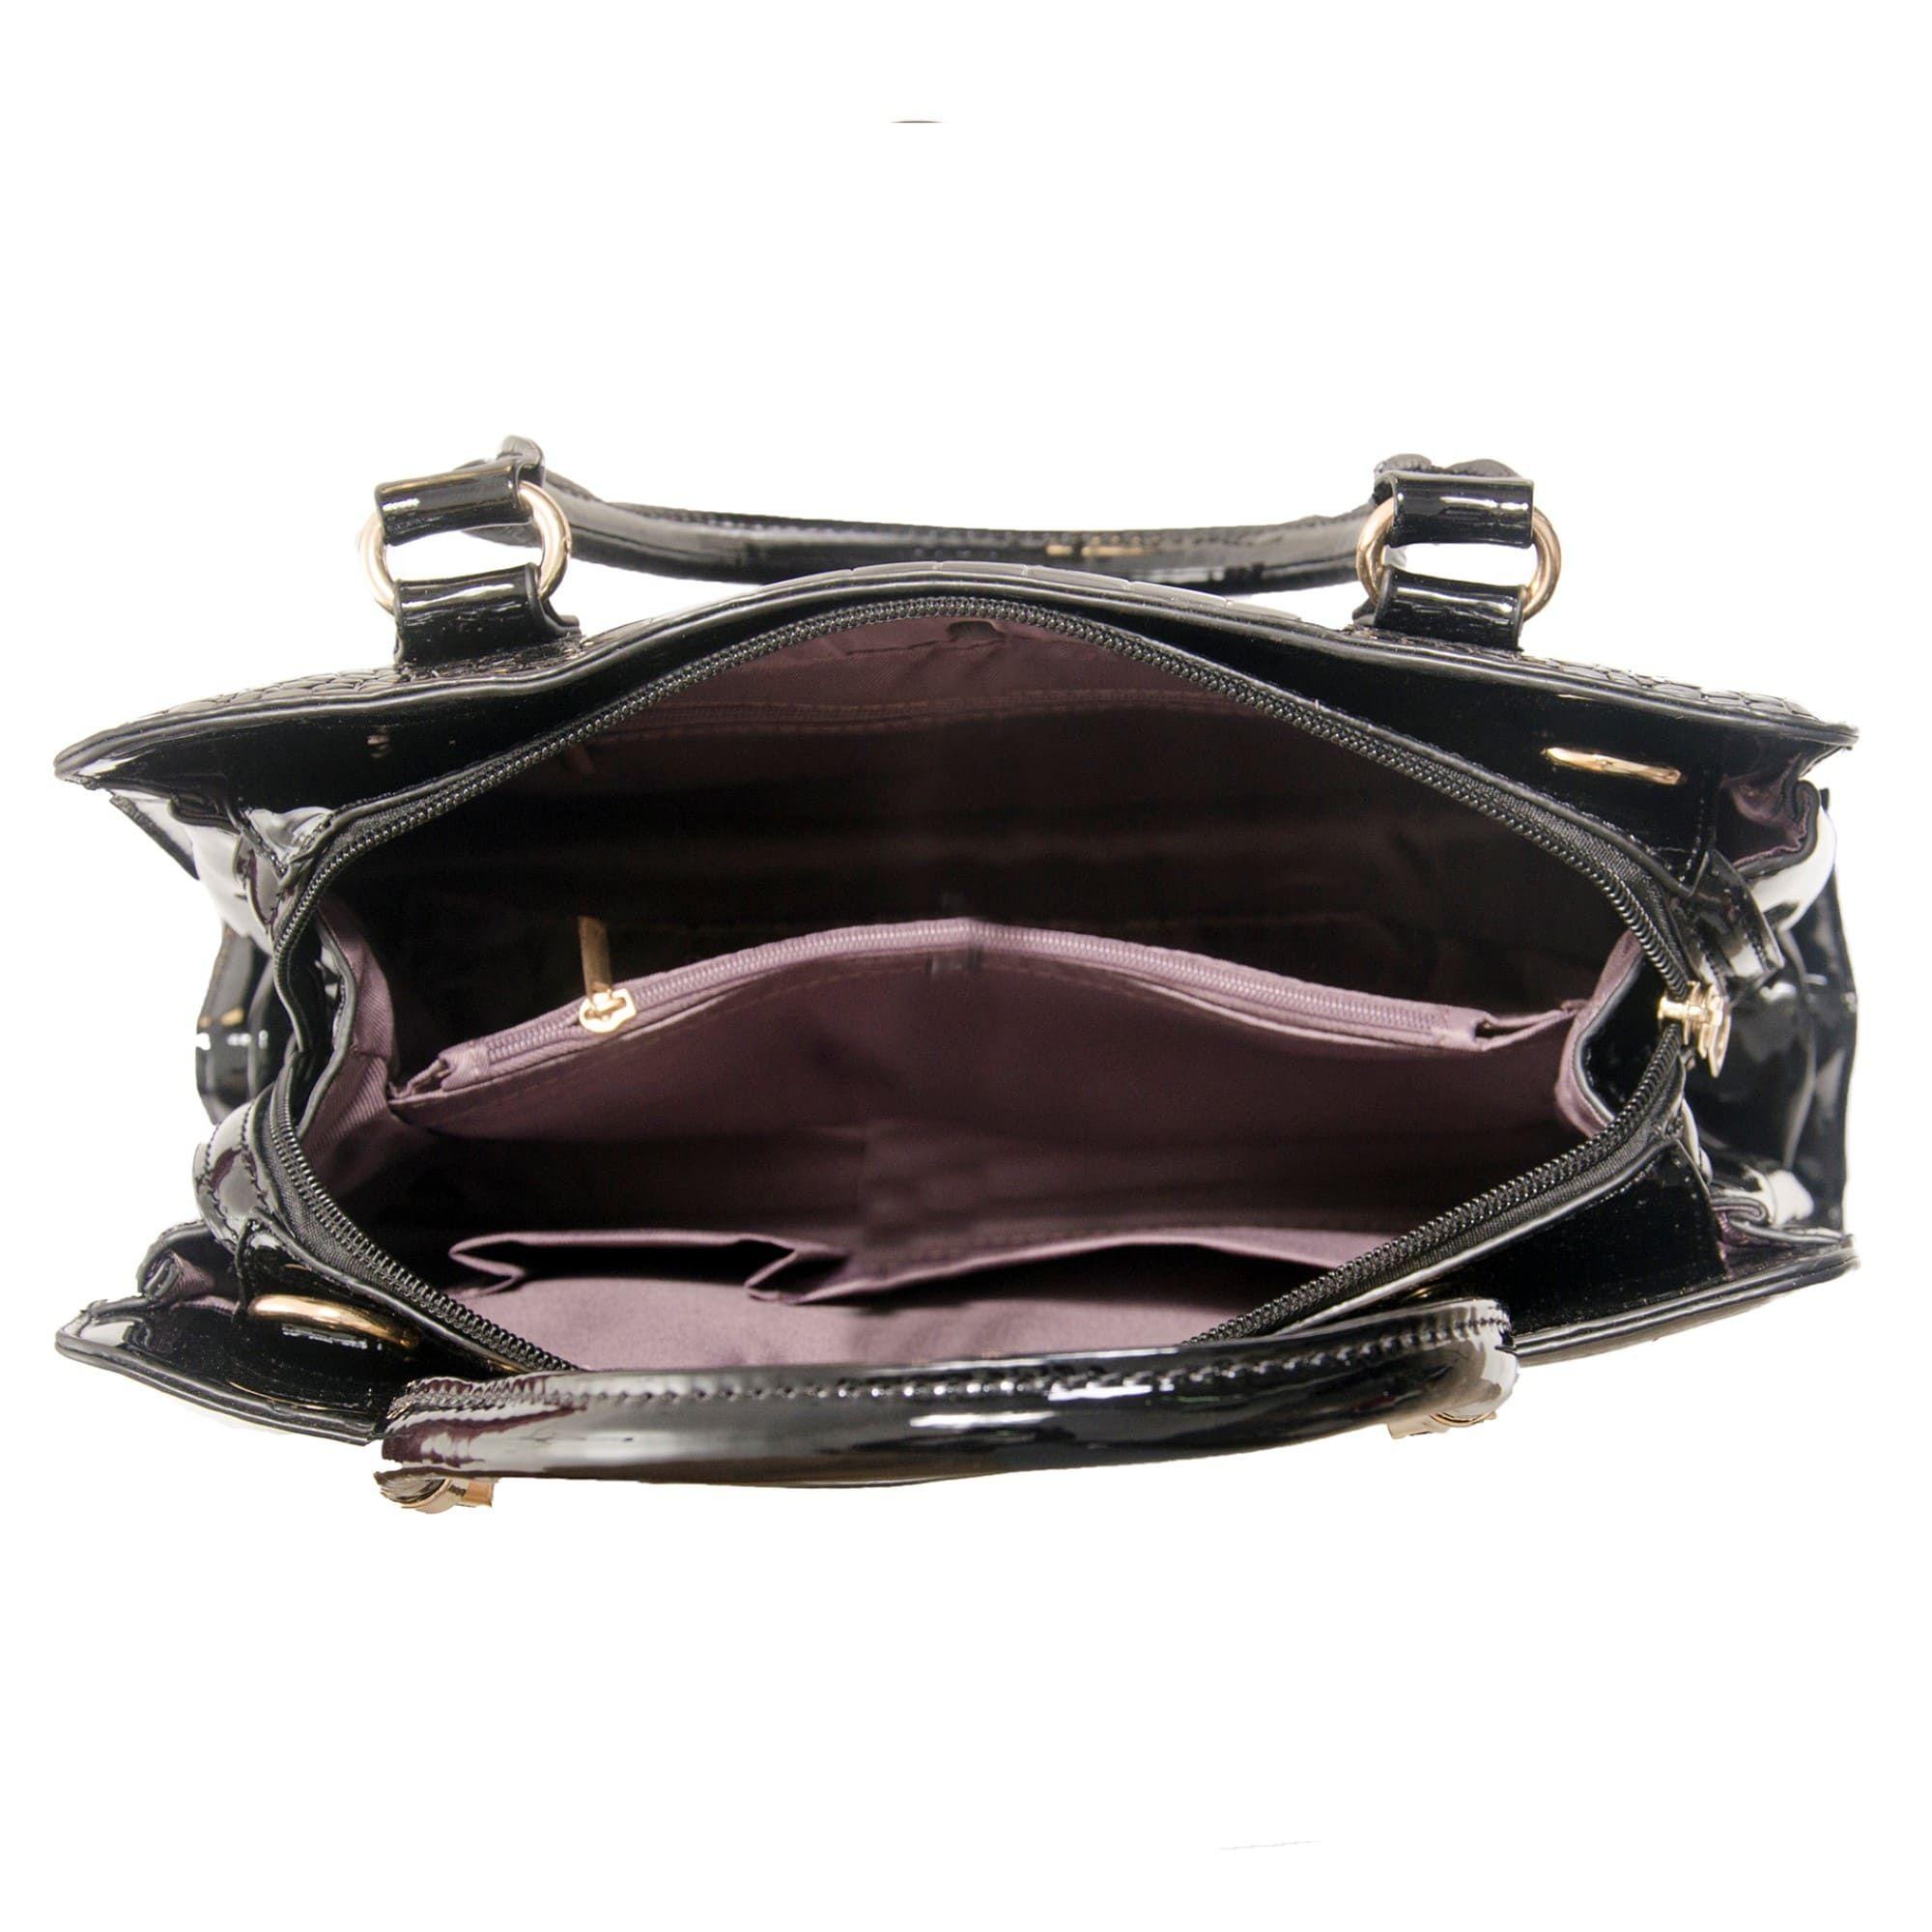 Bolsa de Mão Verniz Preta com Alça Removível e Bolsa Carteira Clutch  - Prime Bolsas